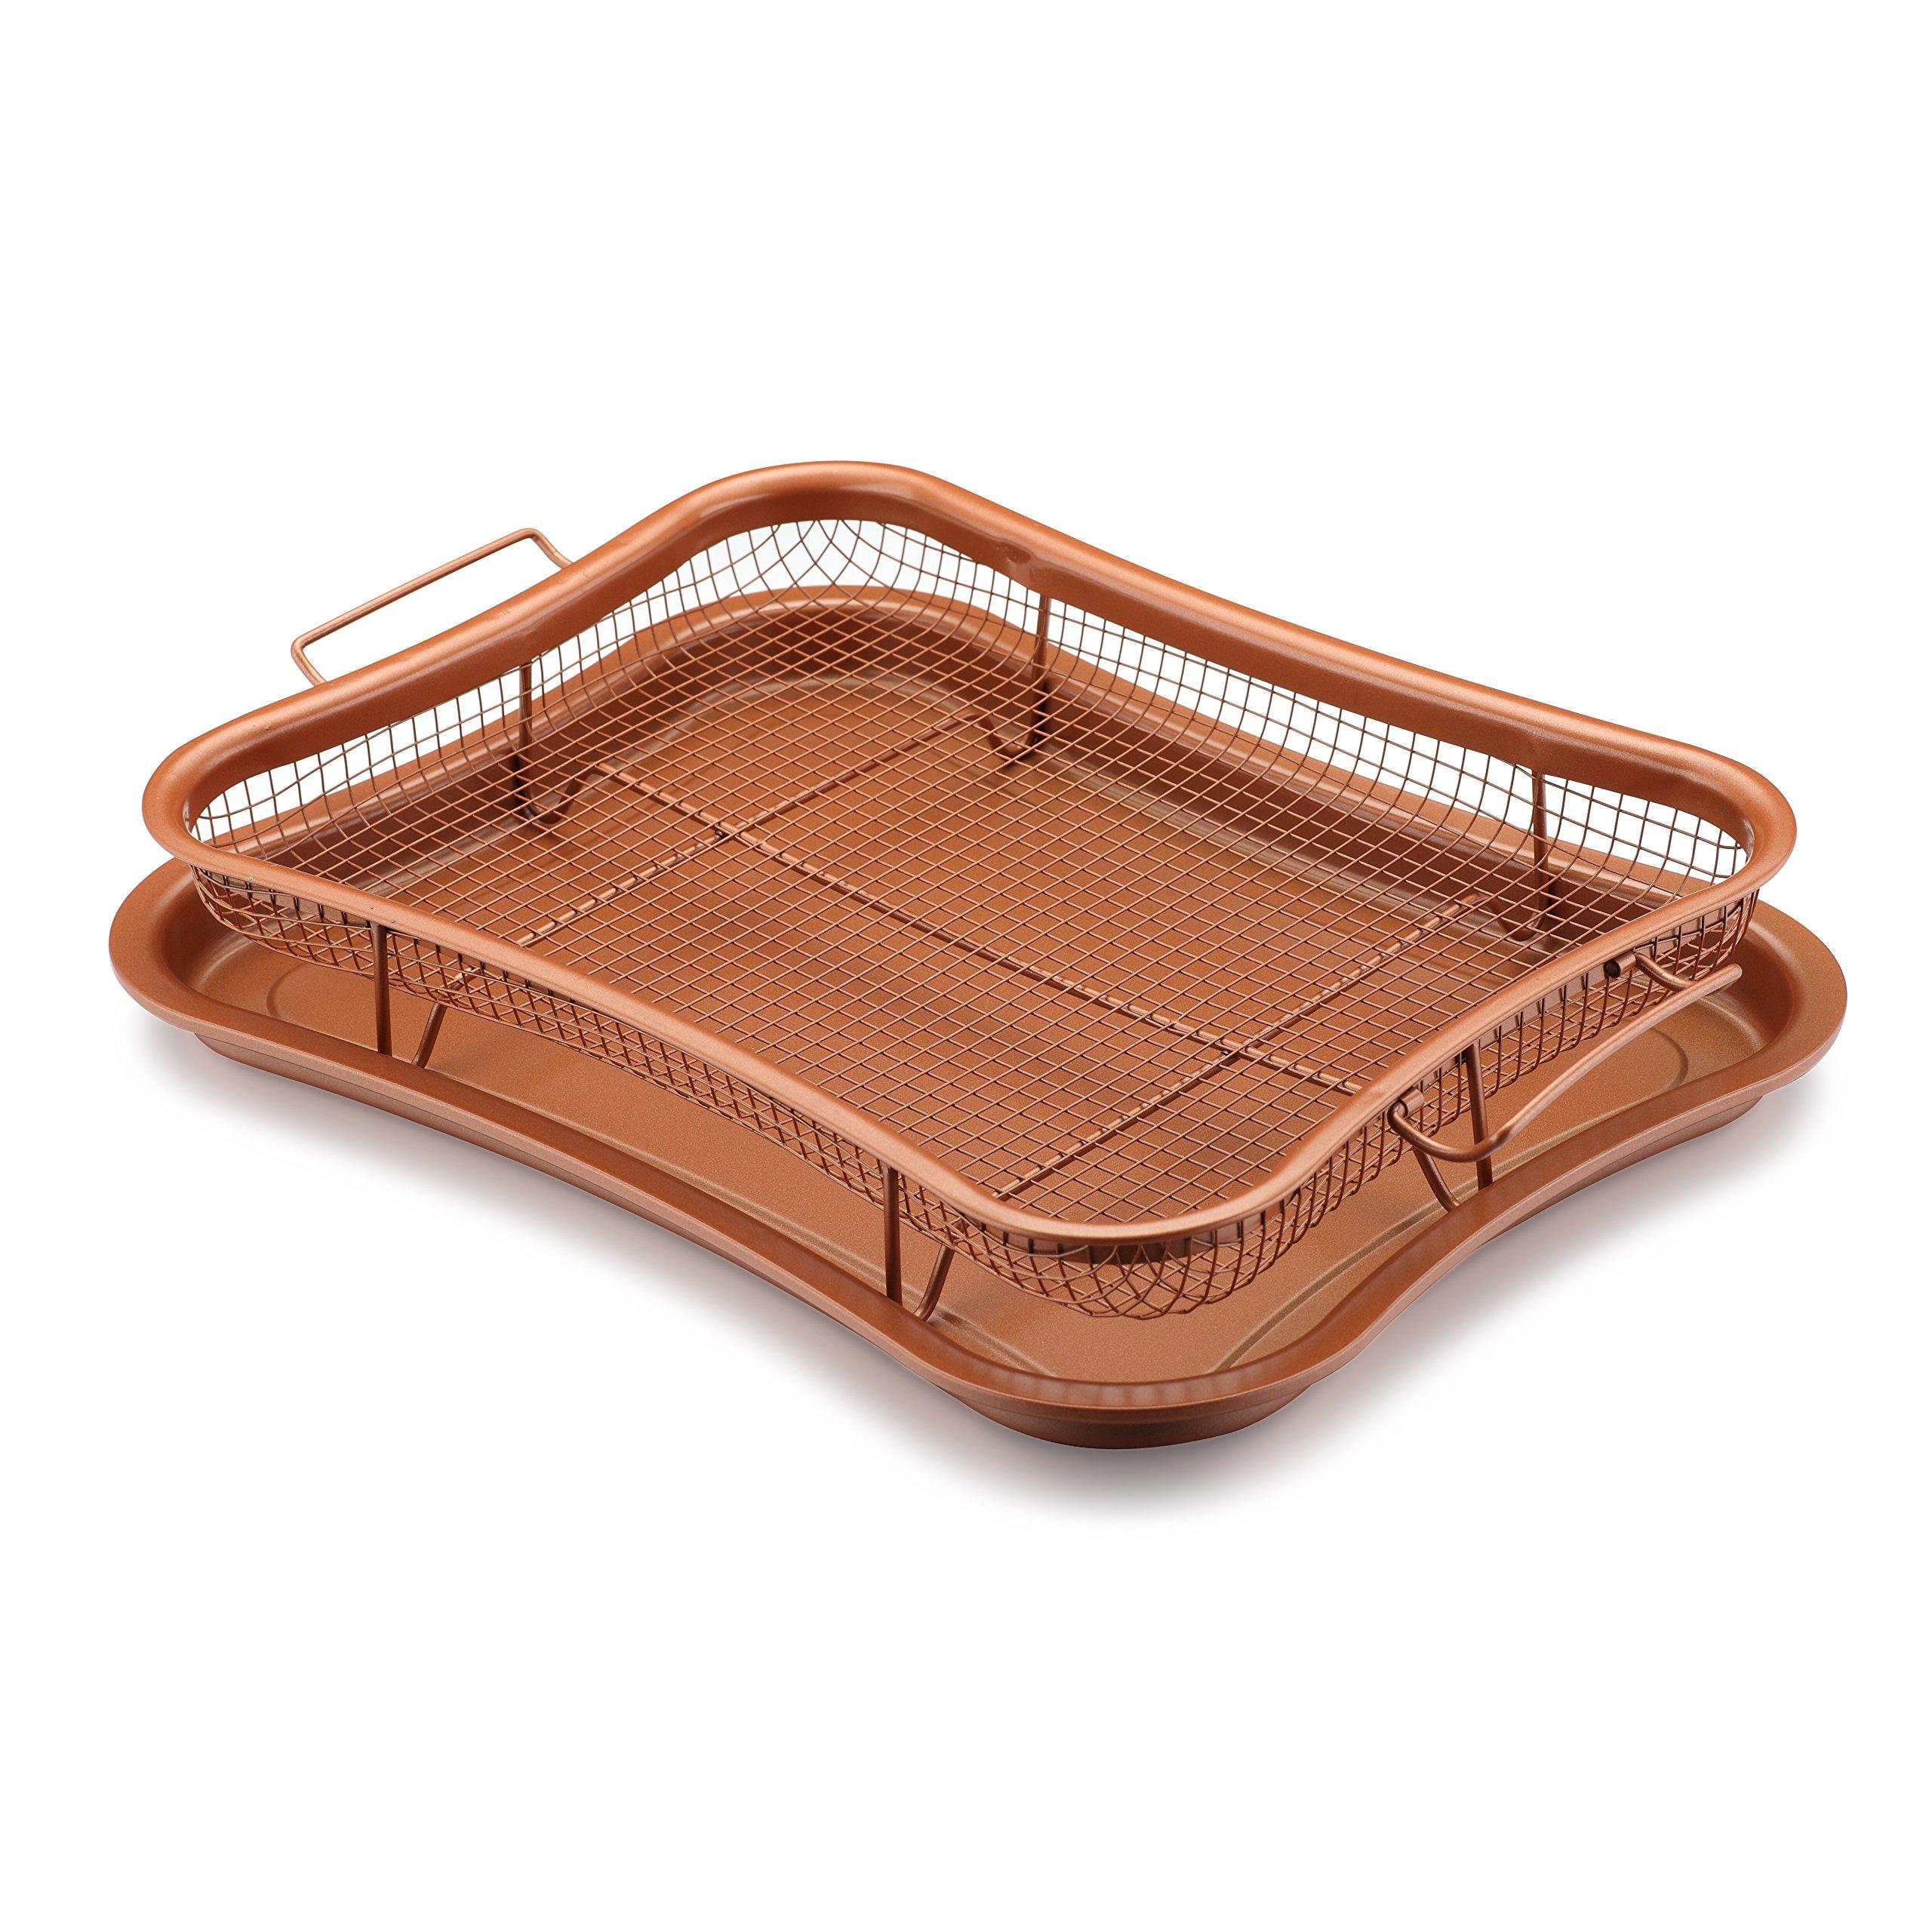 Gelinzon Copper Crisper Tray Oven Air Fryer Pan (Rhombus)